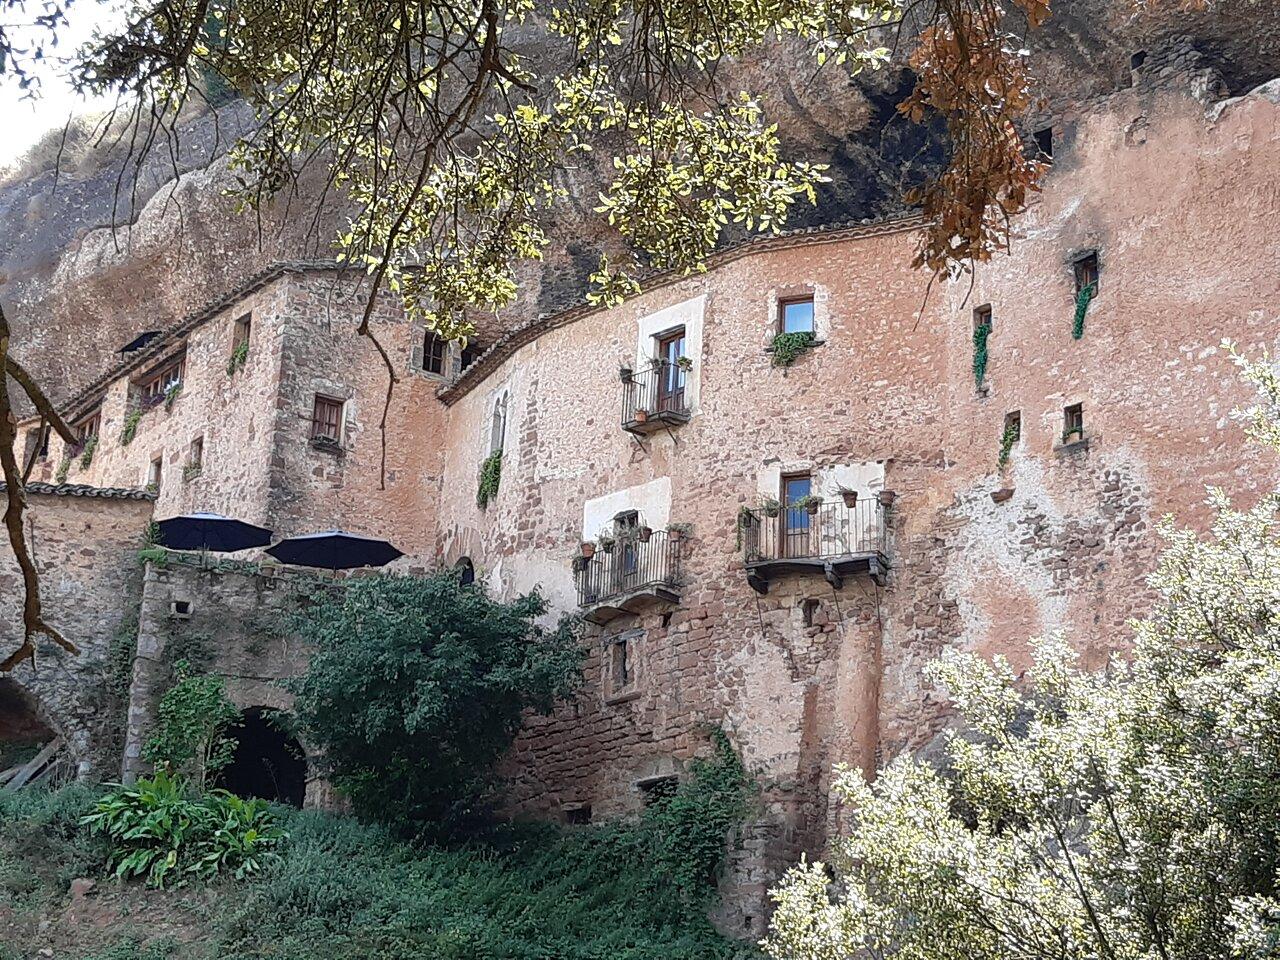 EL PUIG DE LA BALMA B&B (Mura, Spagna): Prezzi 2021 e recensioni